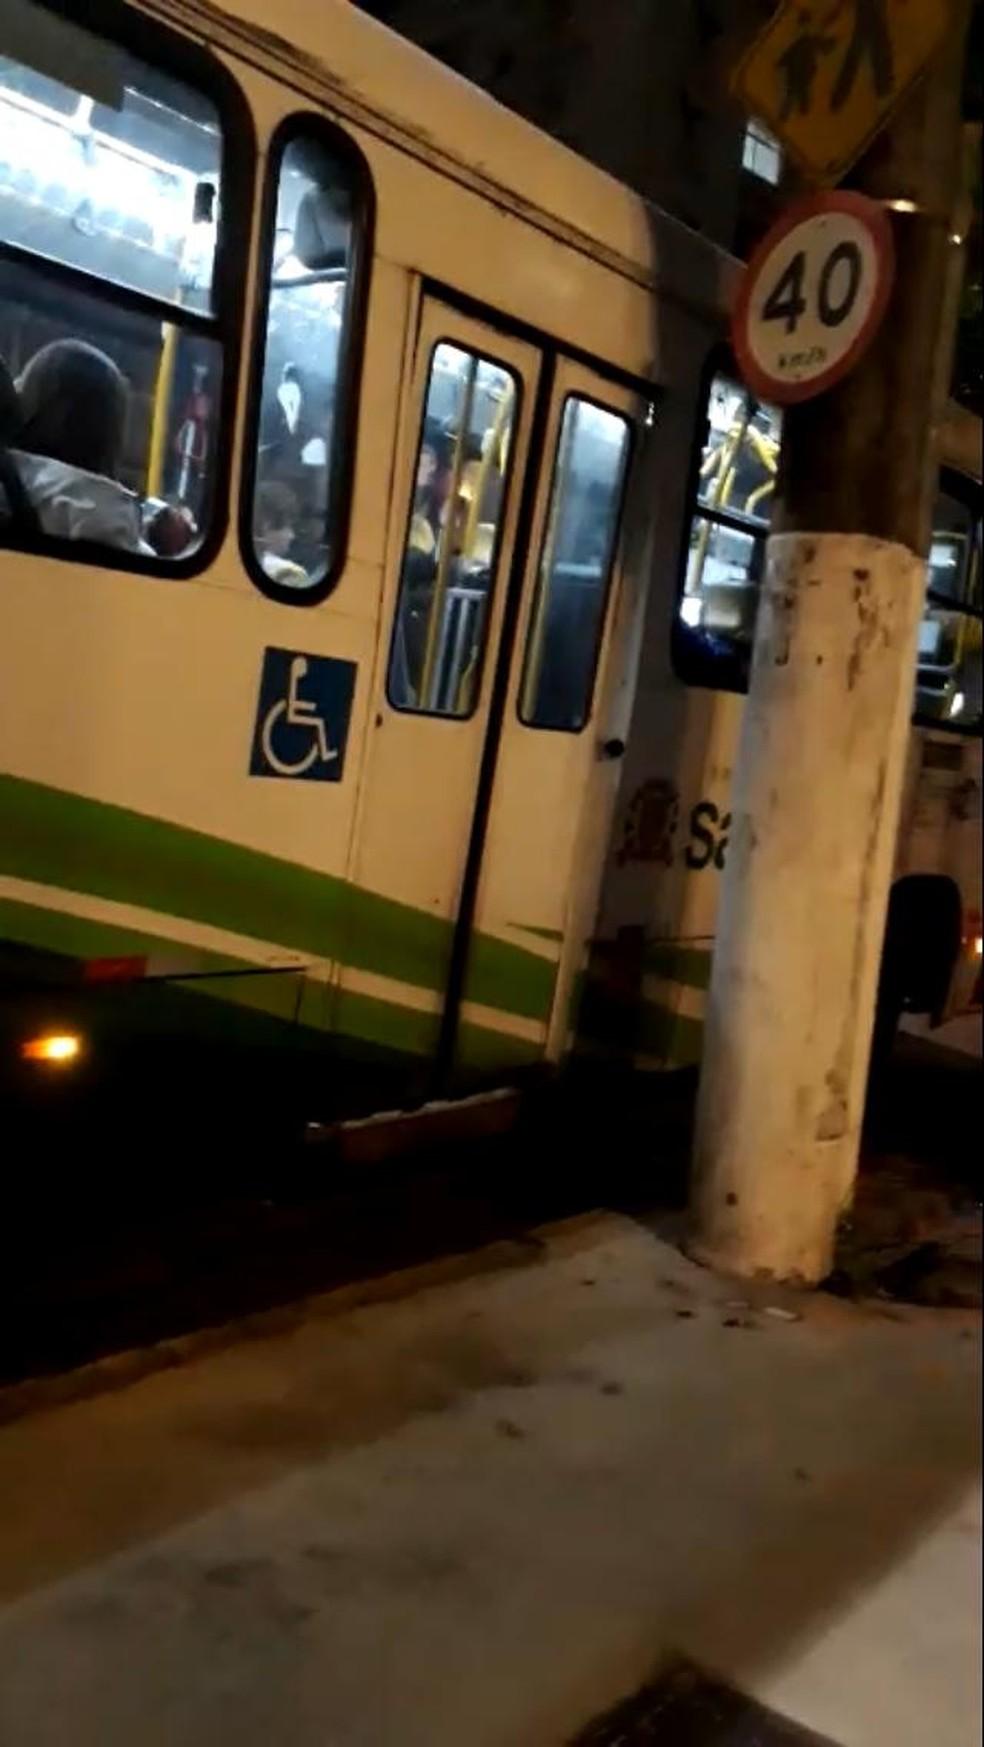 Paulo não pôde pegar ônibus por elevador ainda estar quebrado dias depois de se arrastar para subir em transporte em Santos, SP — Foto: Arquivo pessoal/Paulo Hilário